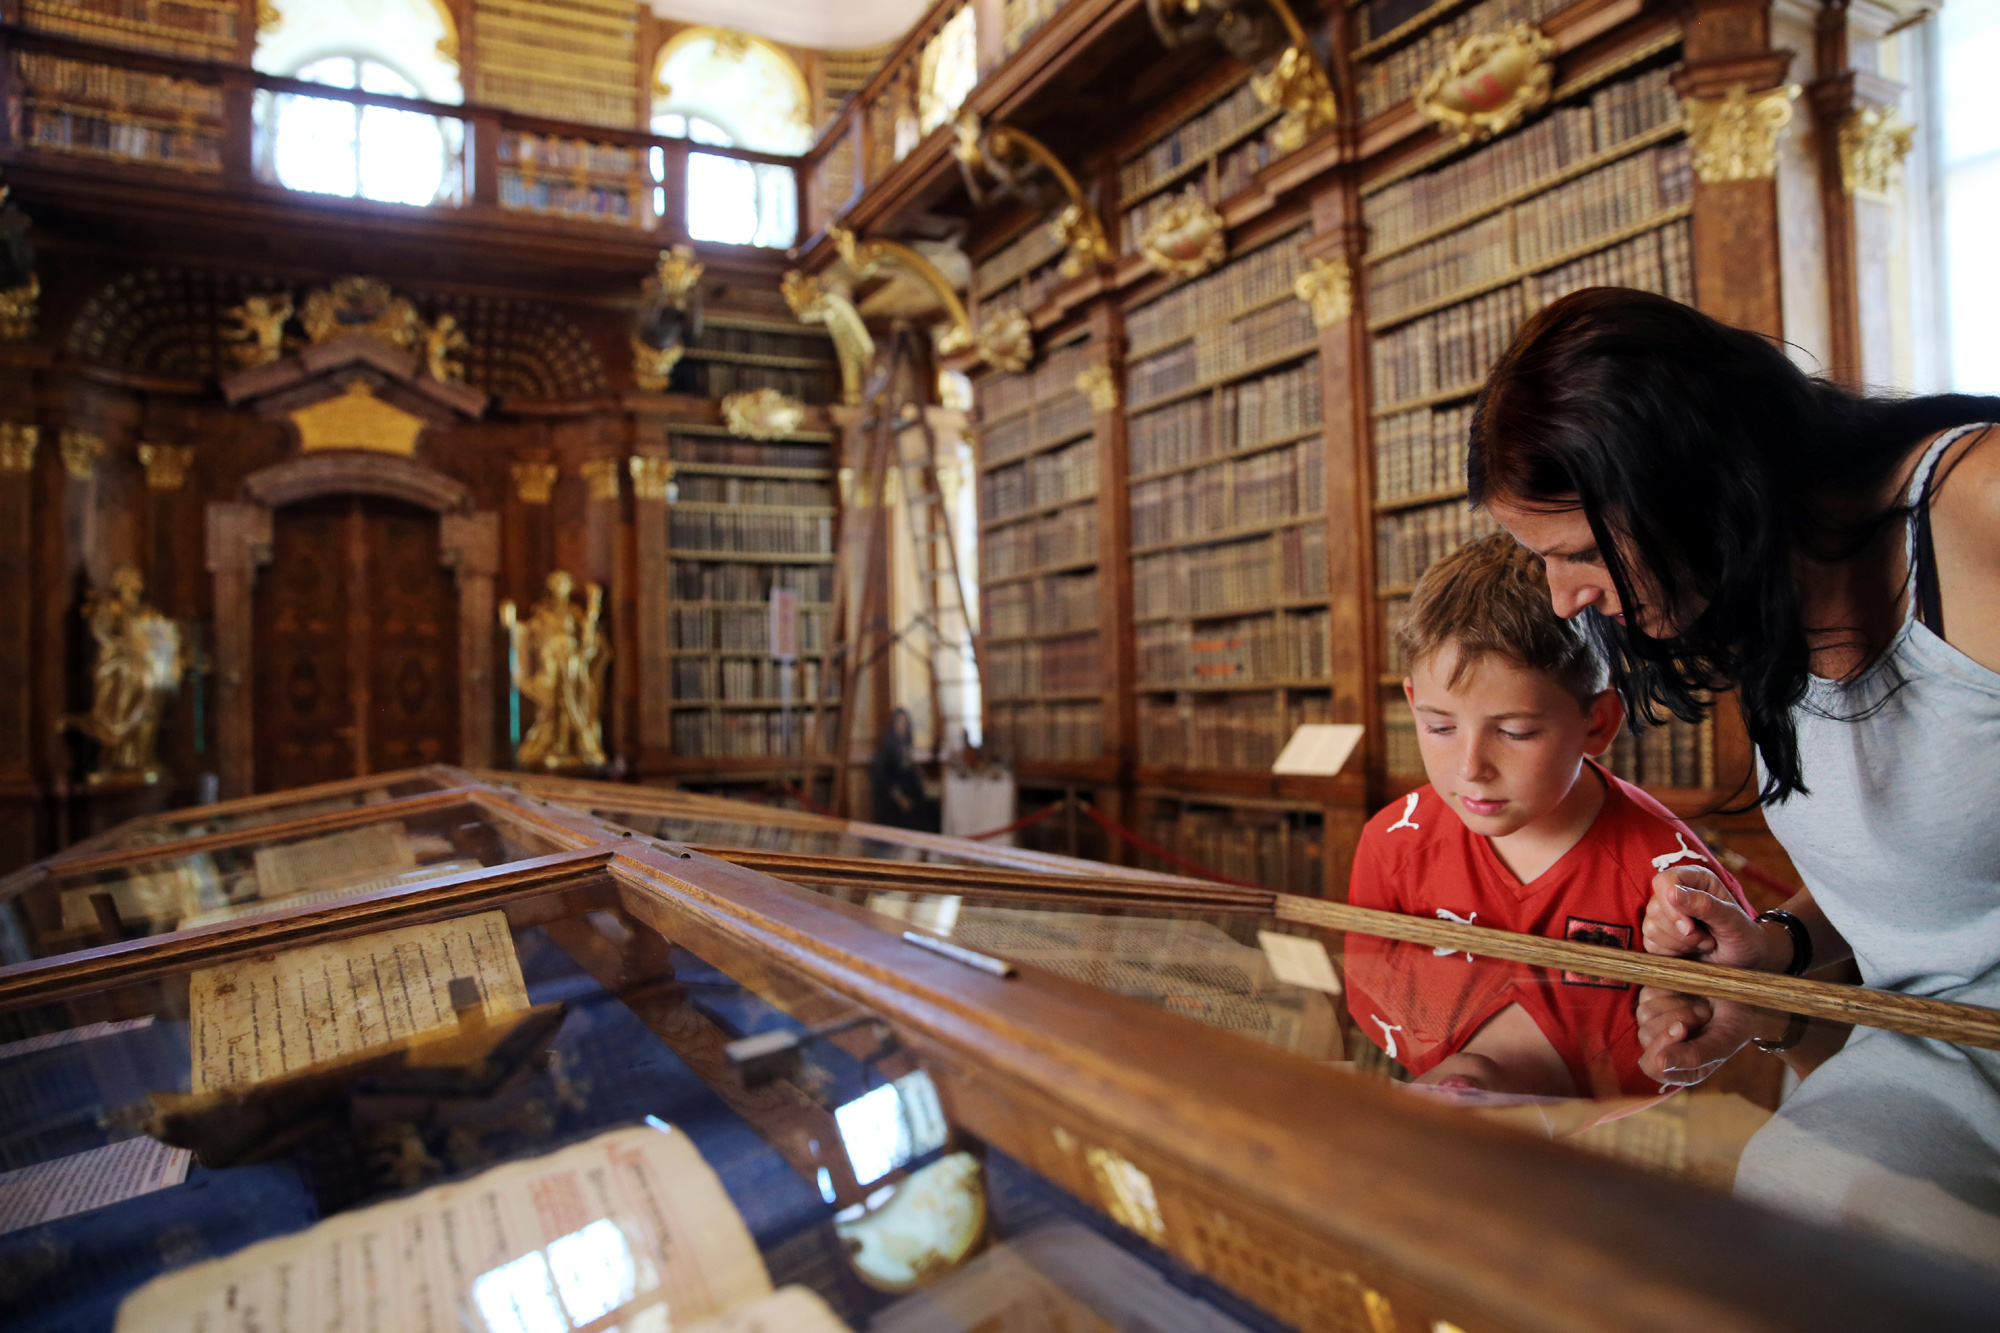 Besuch in der Stiftsbibliothek Melk - Foto: Franz Weingartner/Weinfranz.at